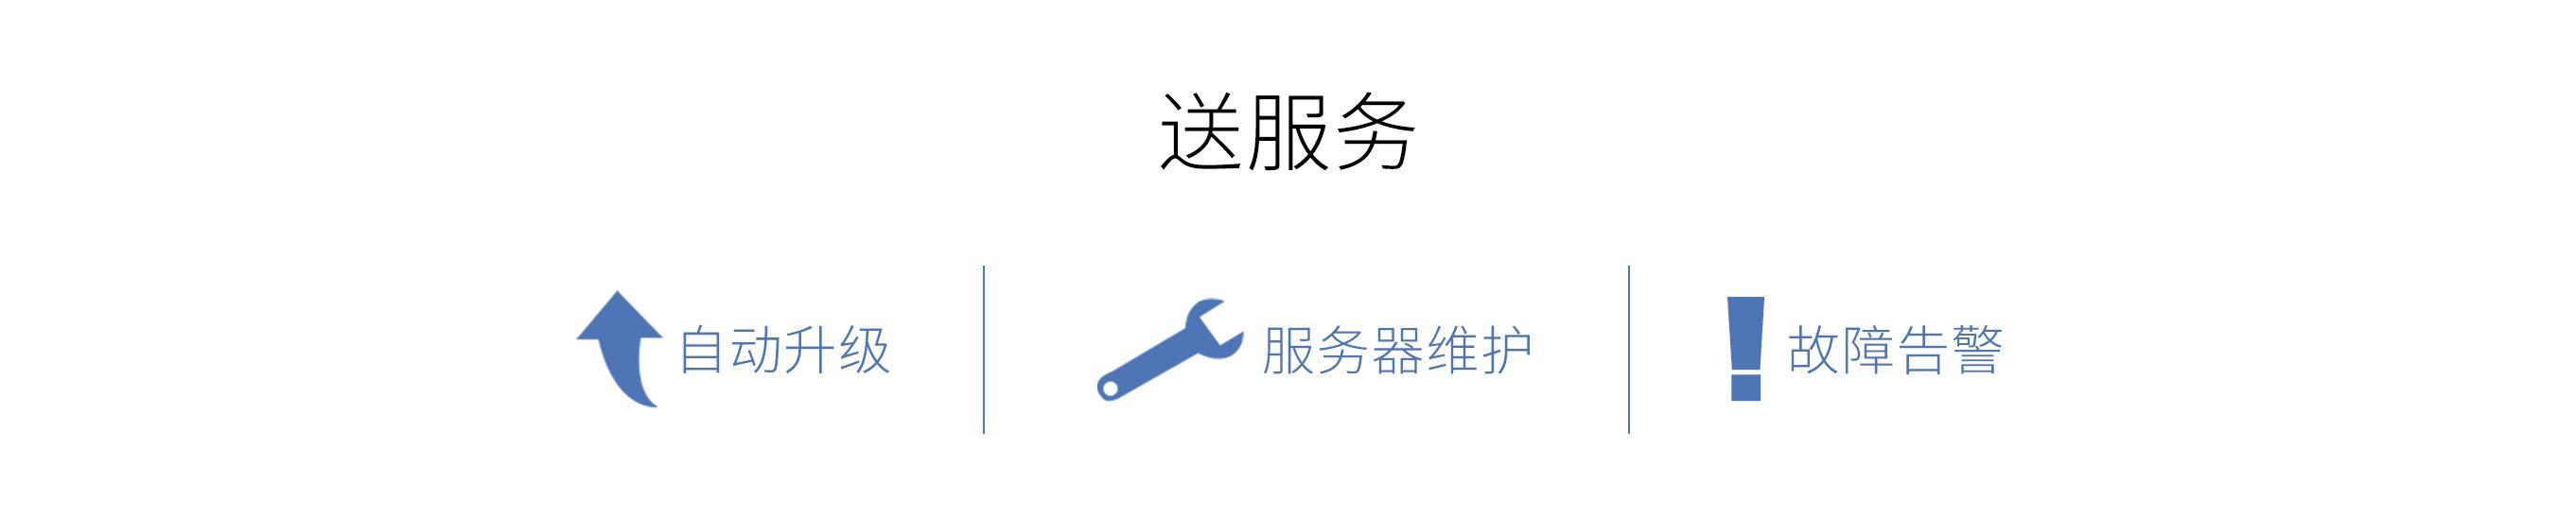 www.7893.com